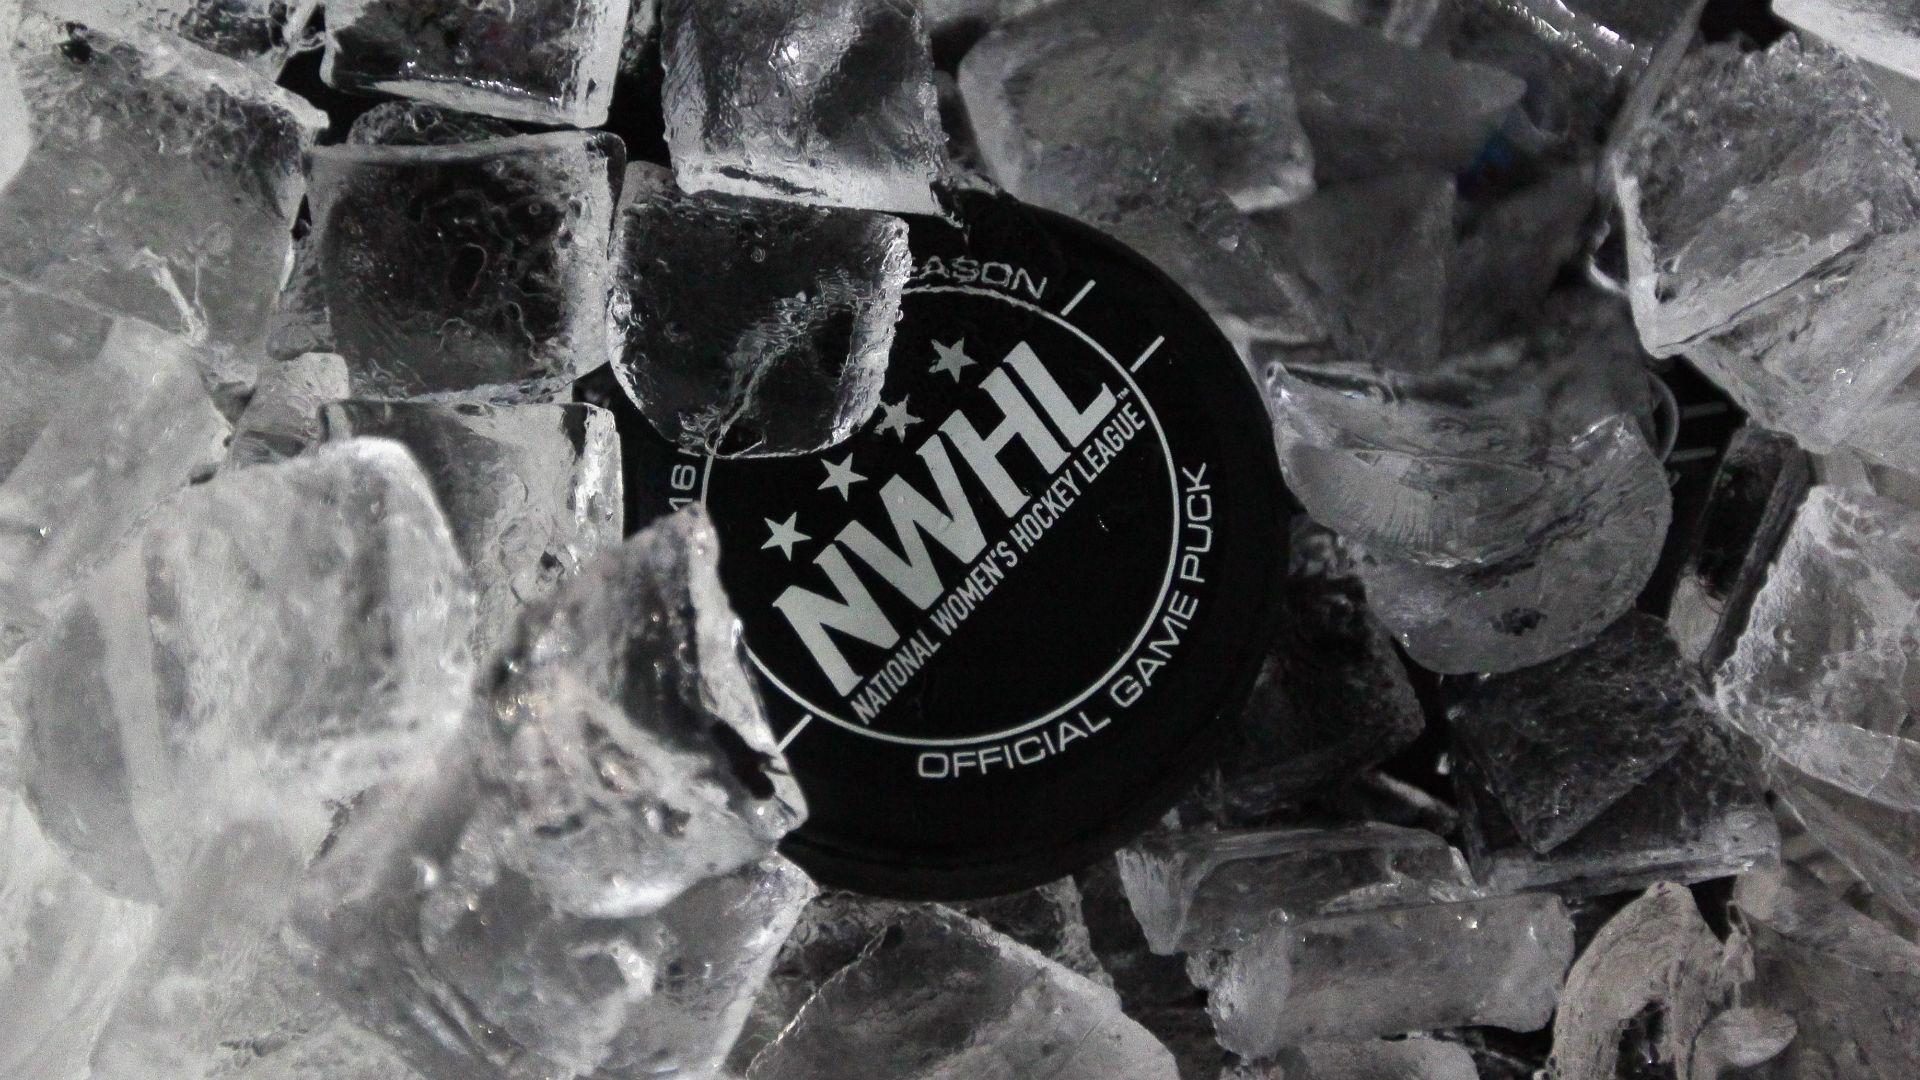 Nwhl-stock-092617-getty-ftrjpg_1y1gy1loo8rqp1un5z0er2egov